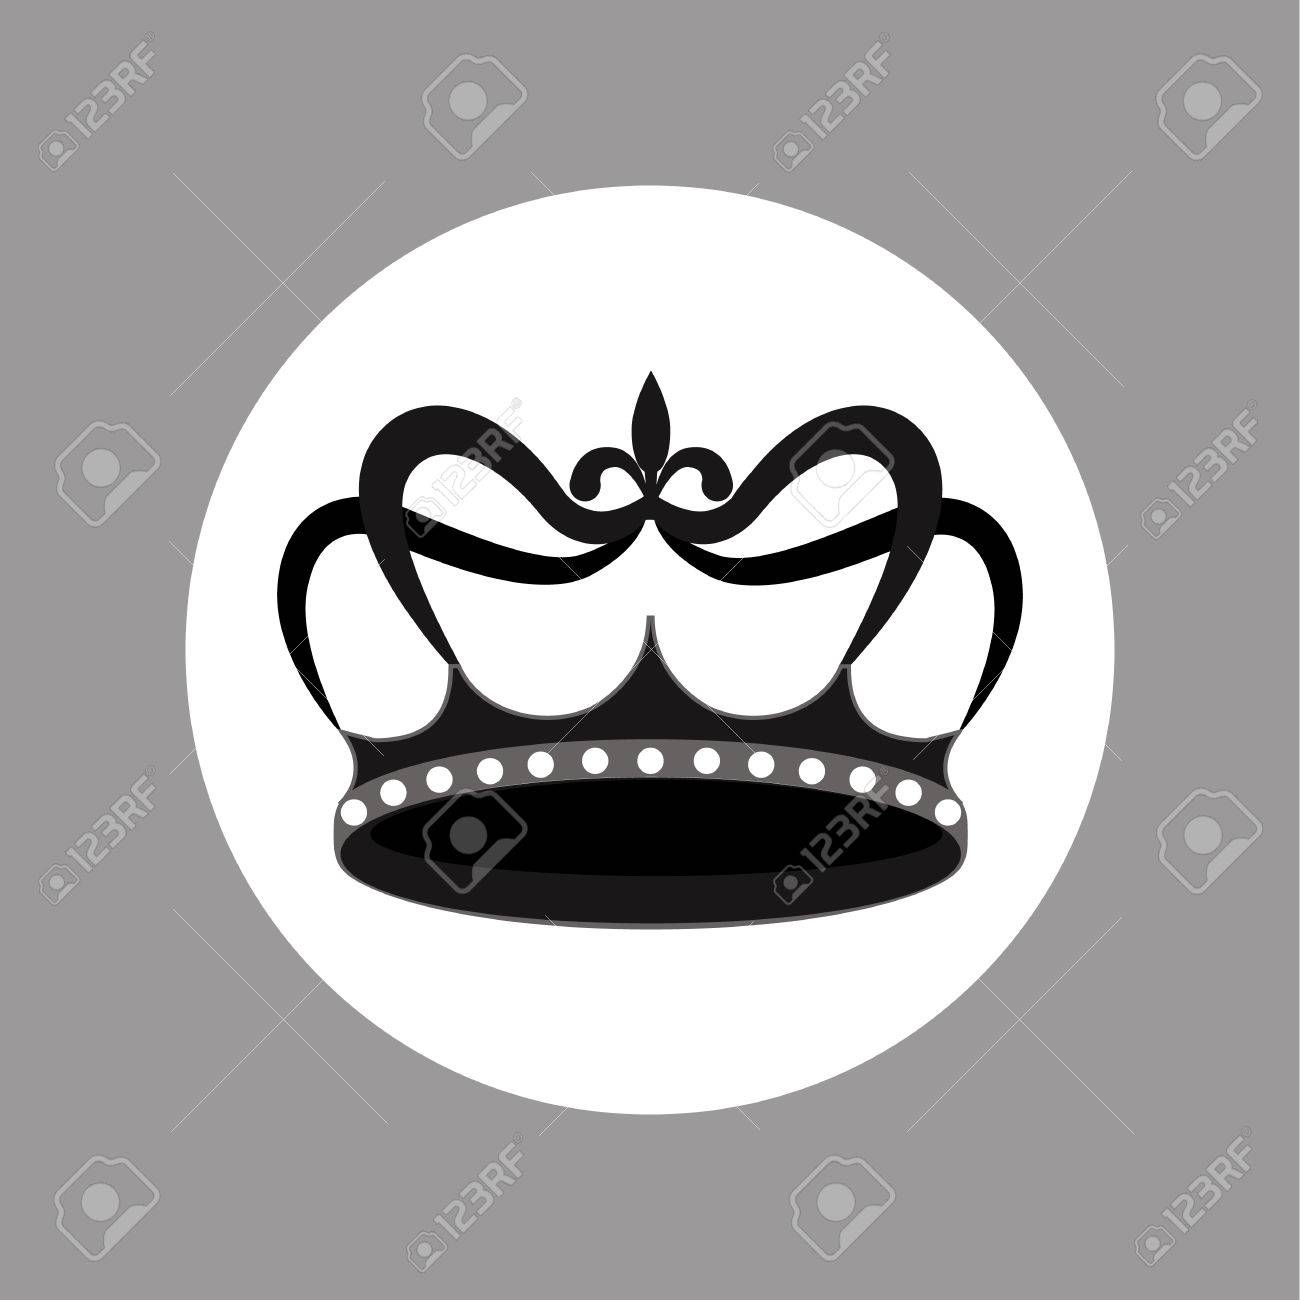 Blanco Y Negro Icono Del Diseño De La Corona Ilustraciones